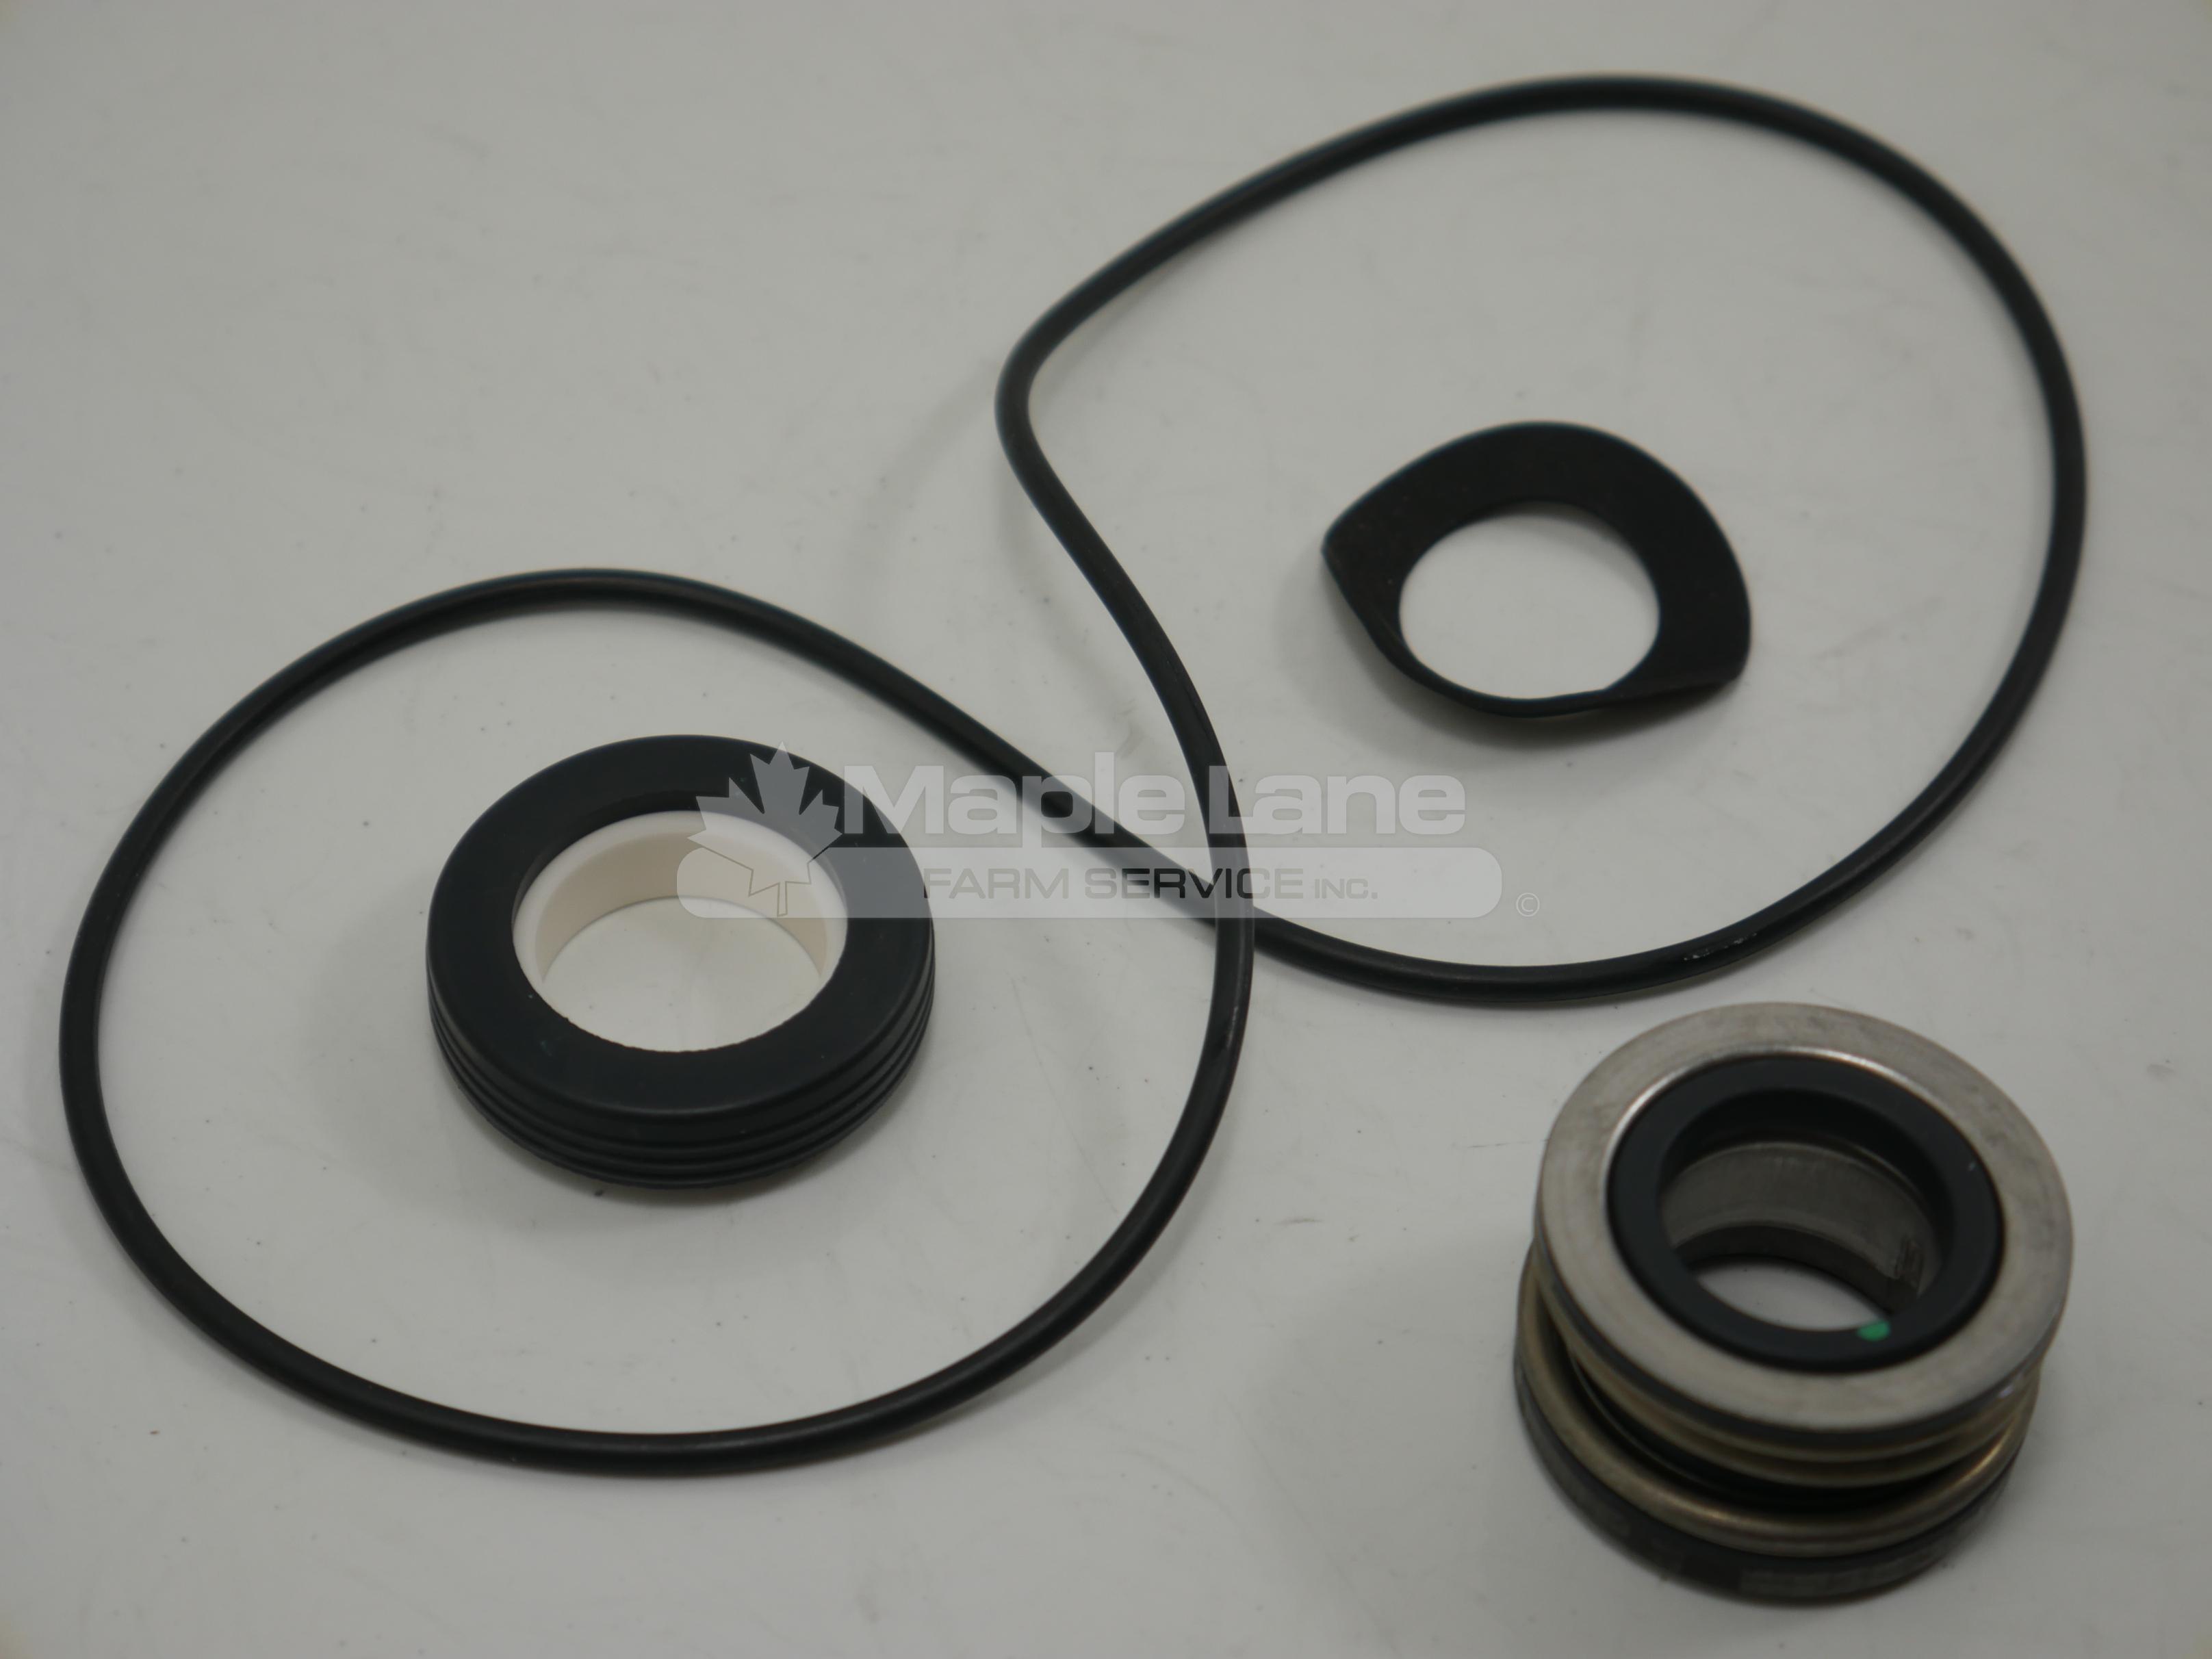 AG057134 Repair Kit